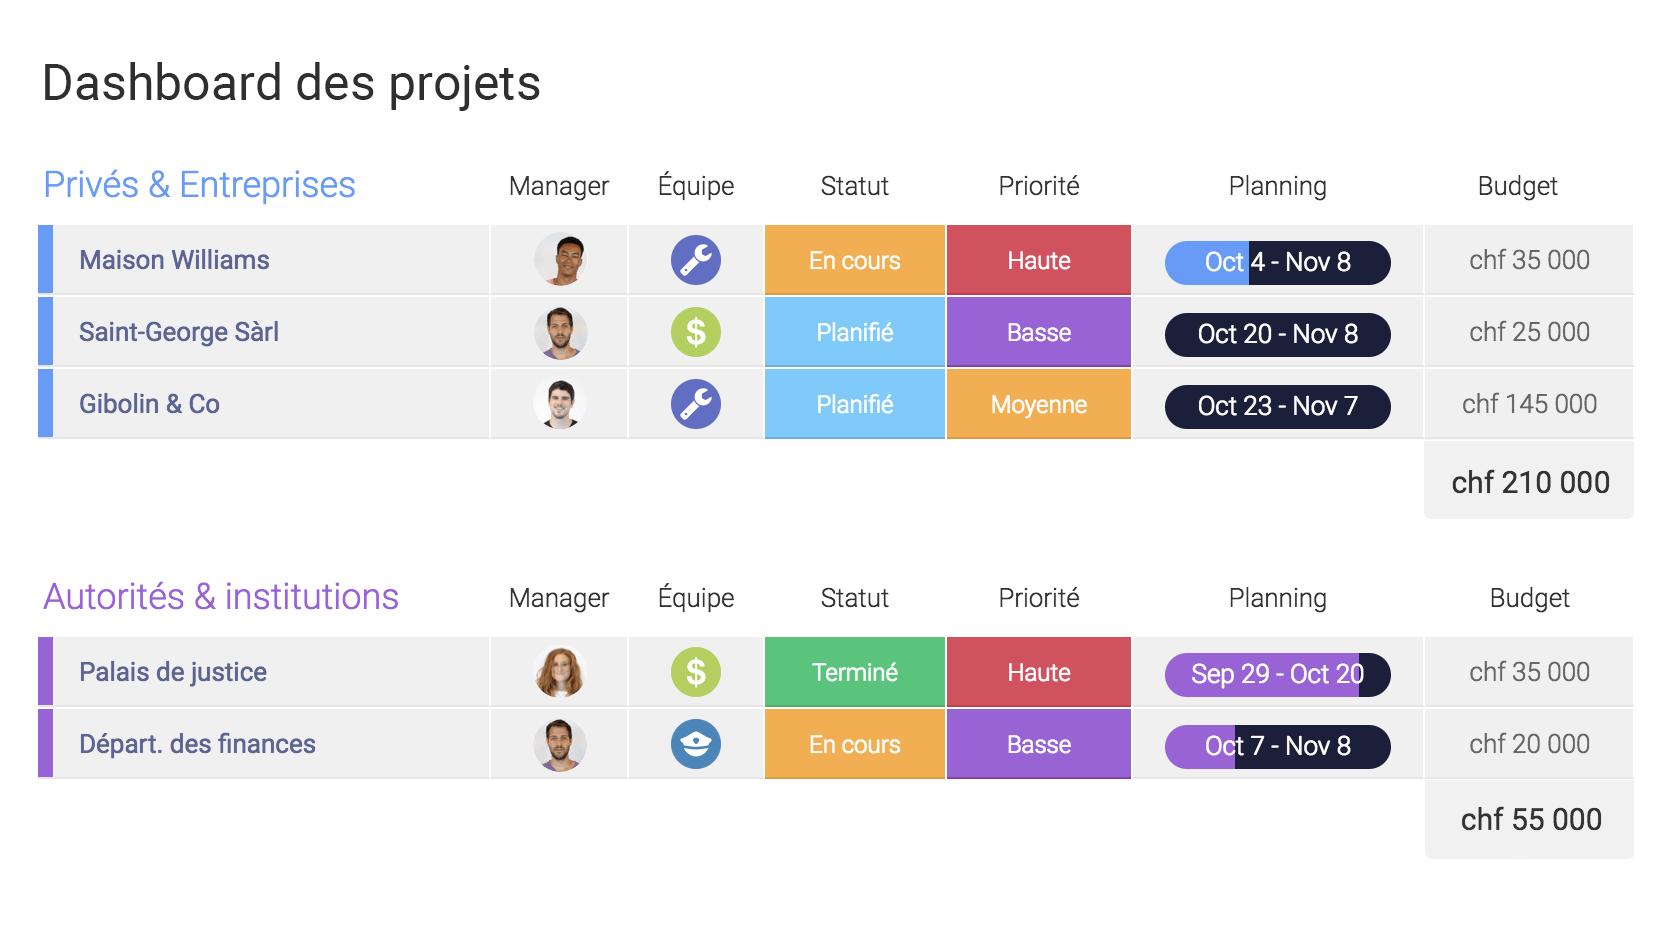 Dashboard des projets